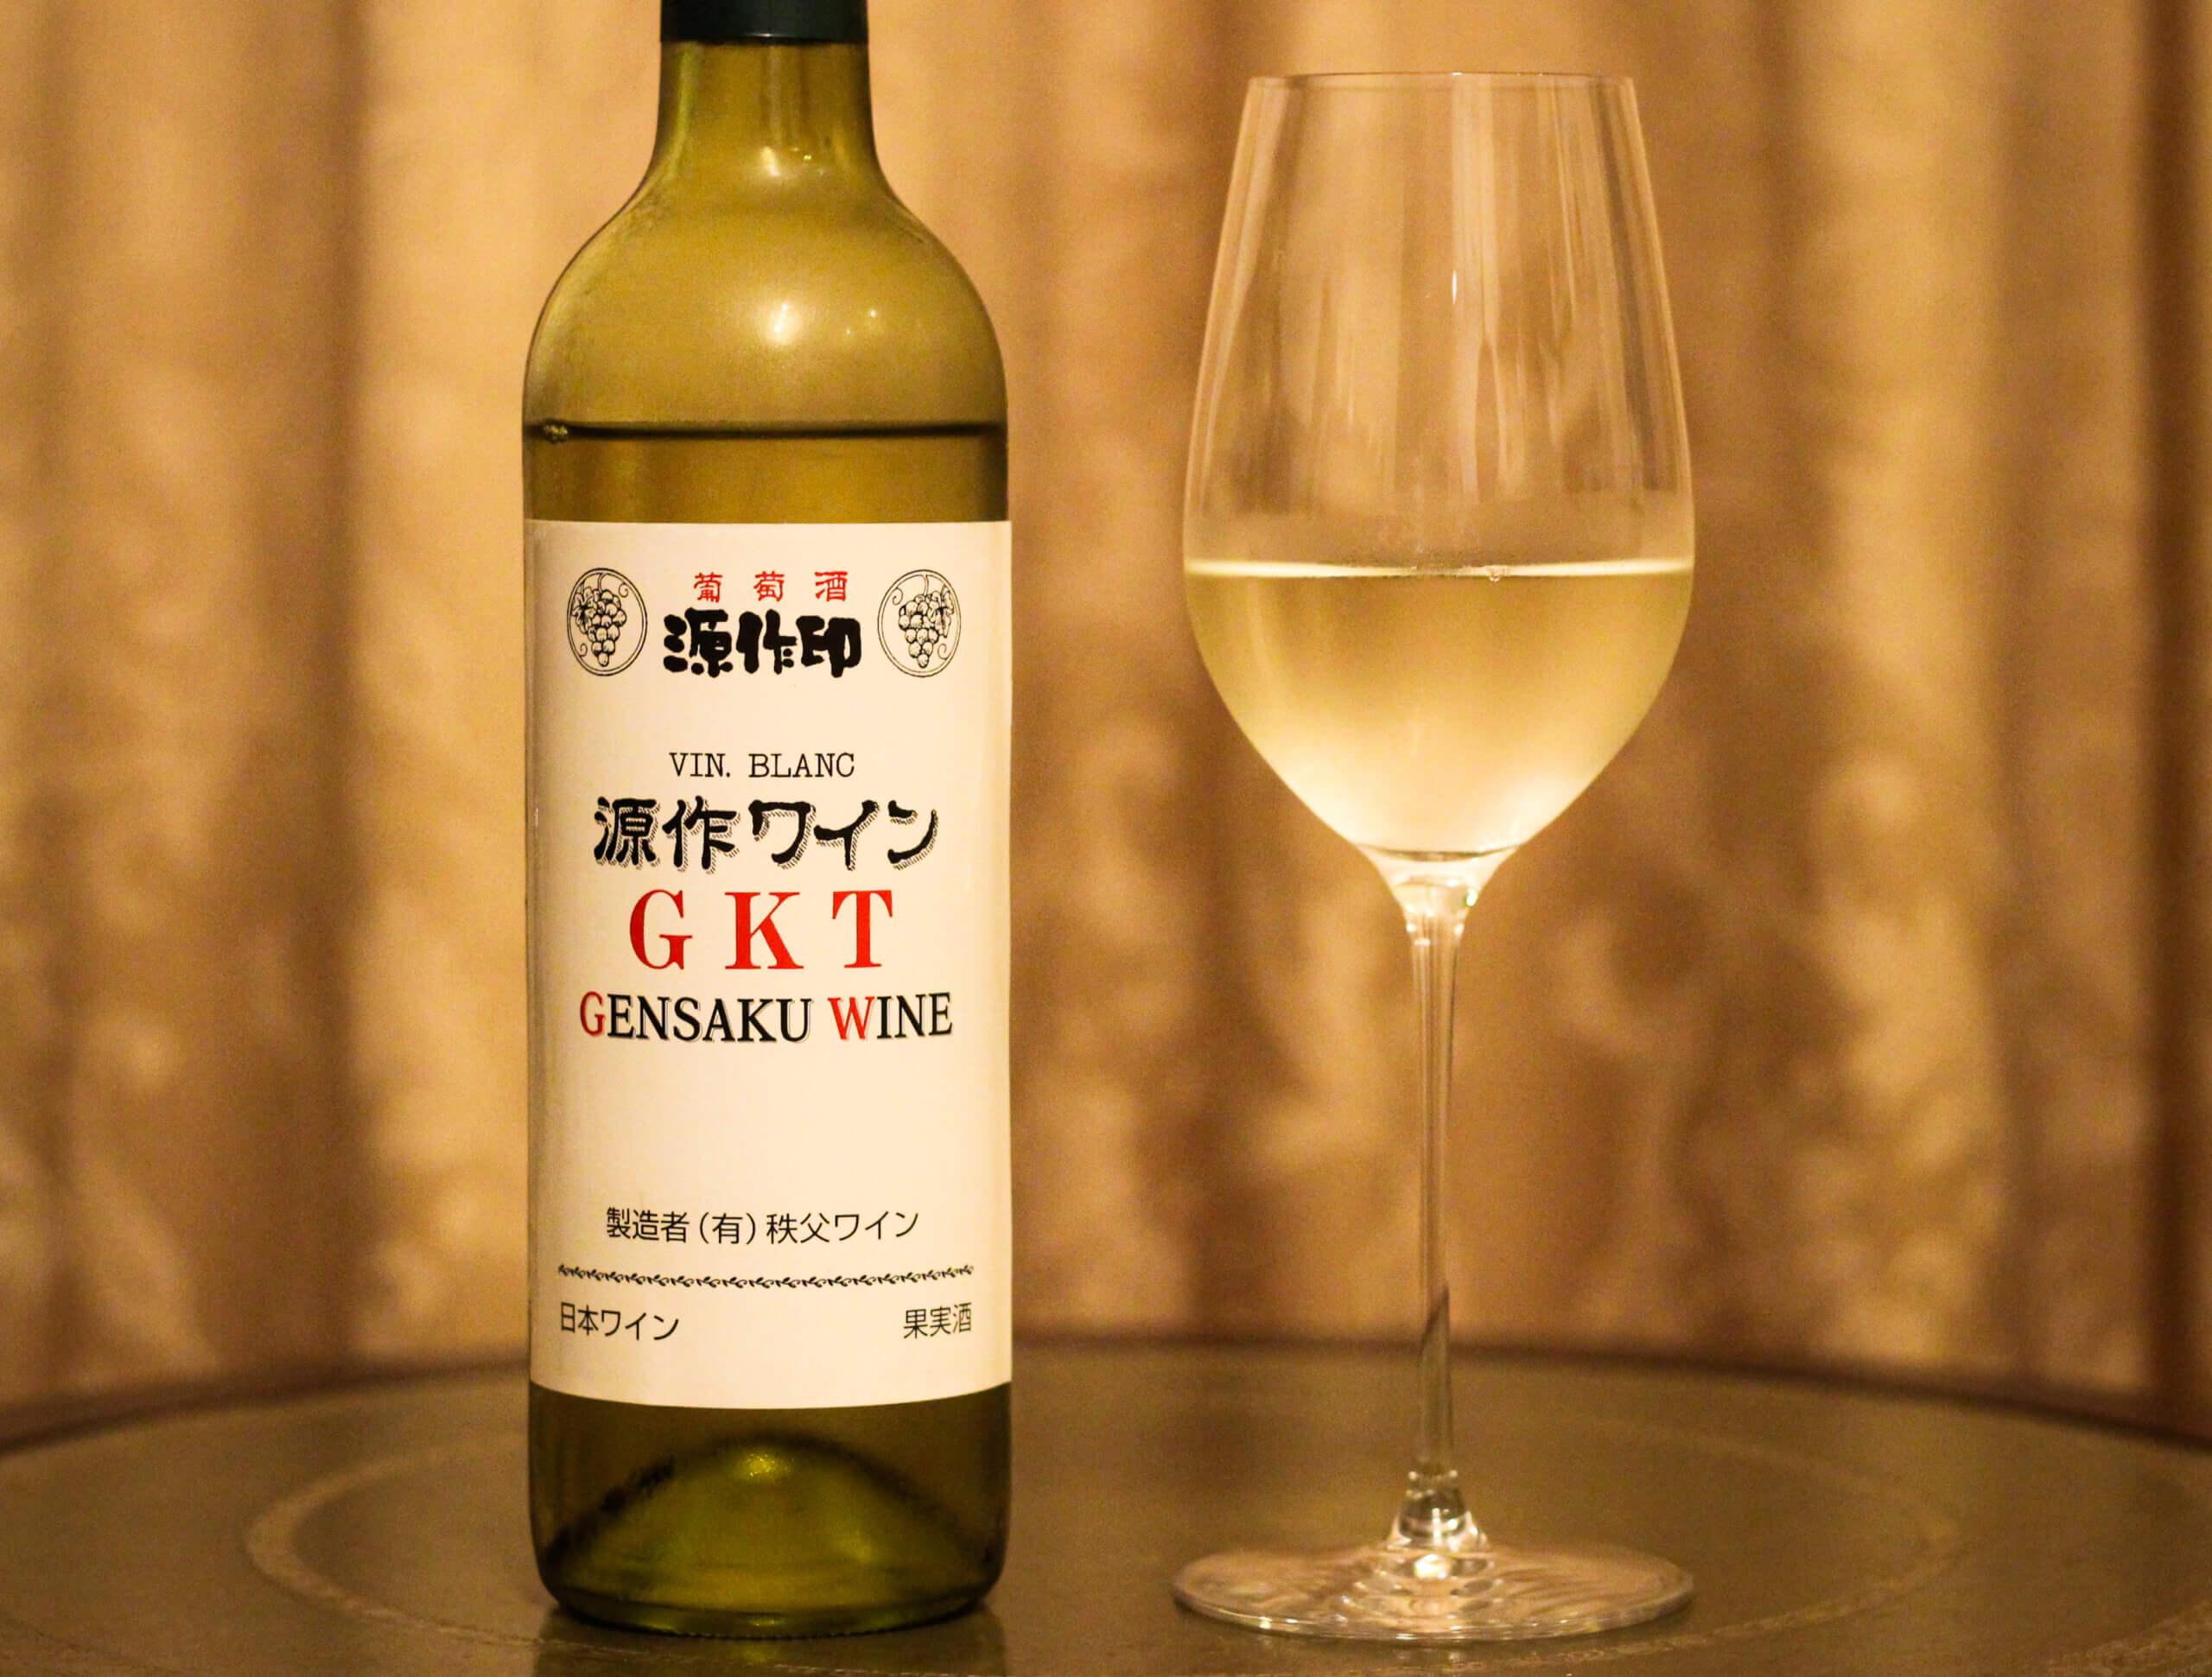 リーデル・ヴェリタスと日本ワイン